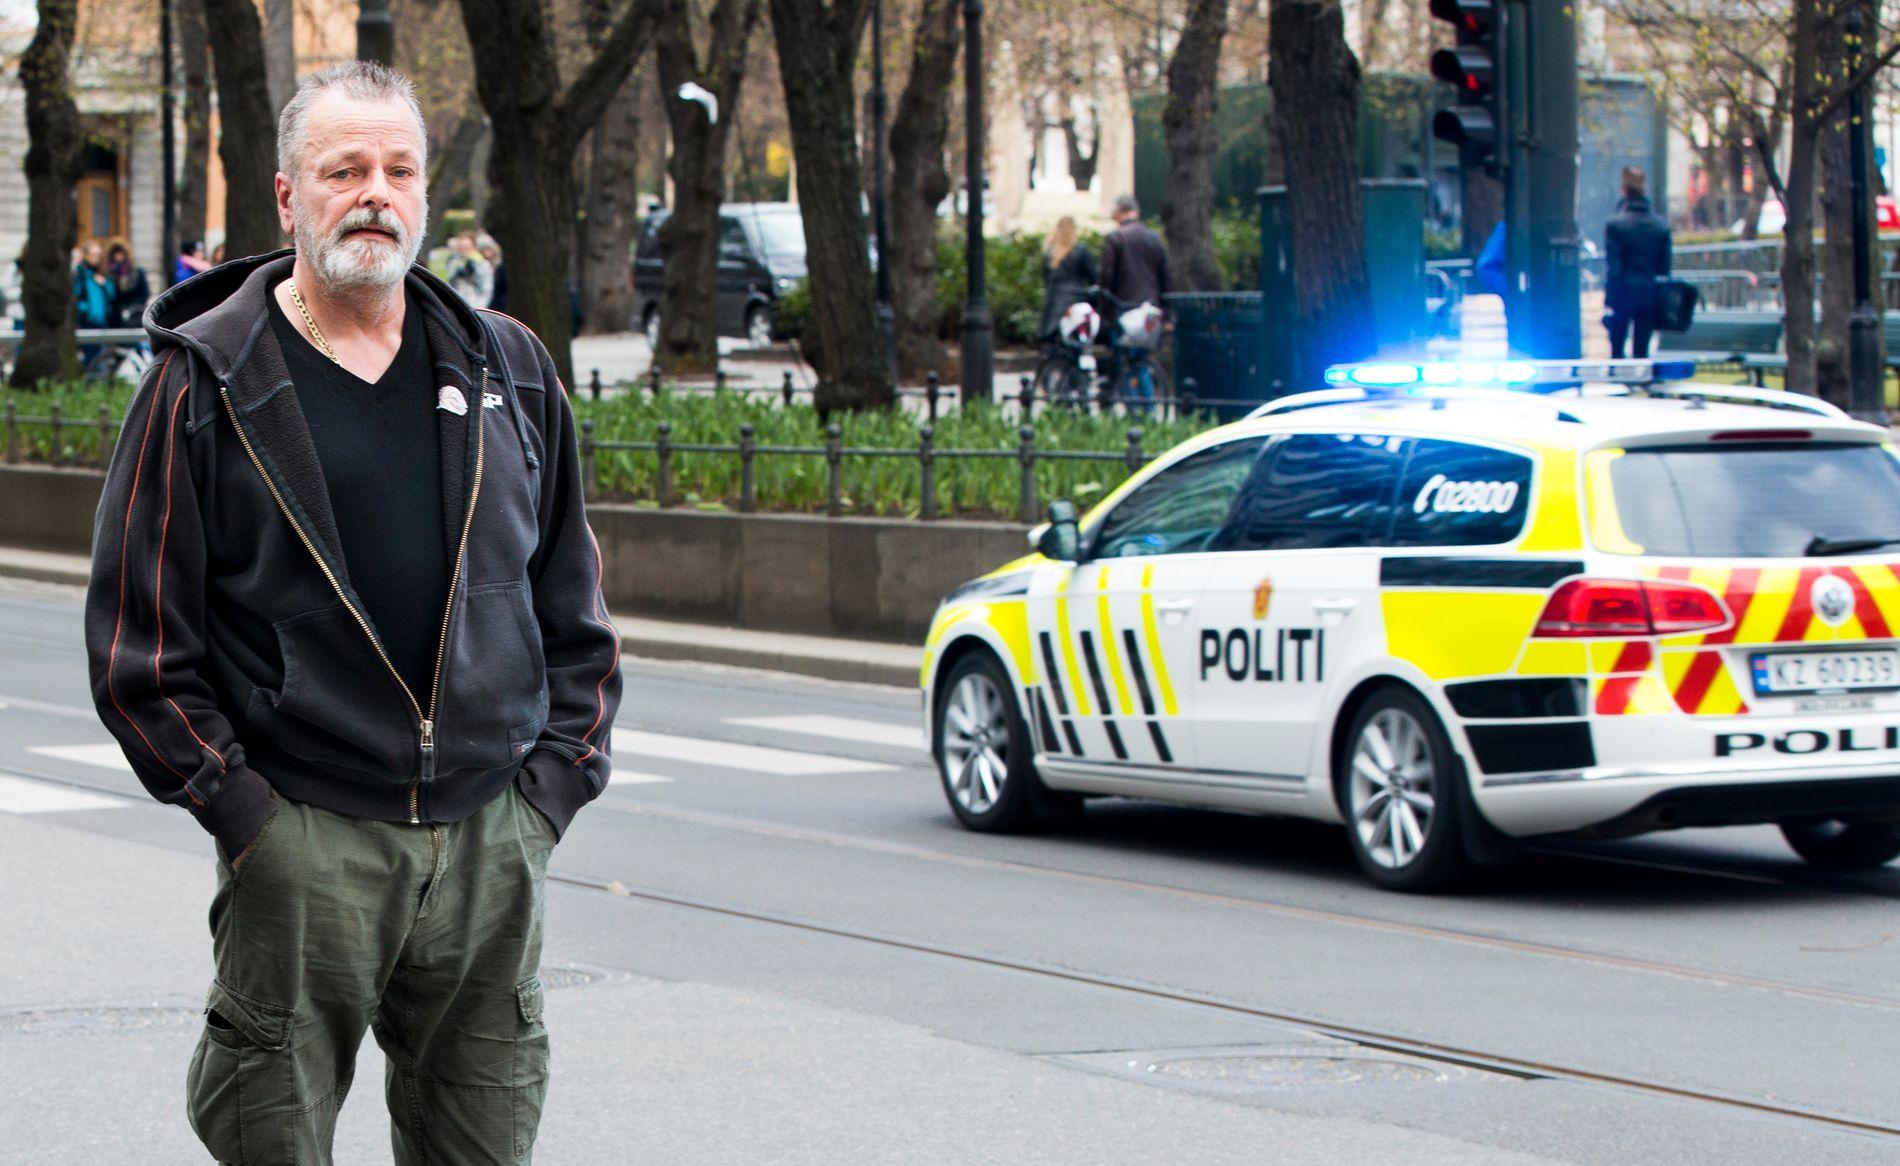 GALSKAP: Korrupsjonstiltalte Erik Jensen langer ut mot politiet i Bergen, og mener ledelsens håndtering av narkotikasaker nesten ikke er til å tro.